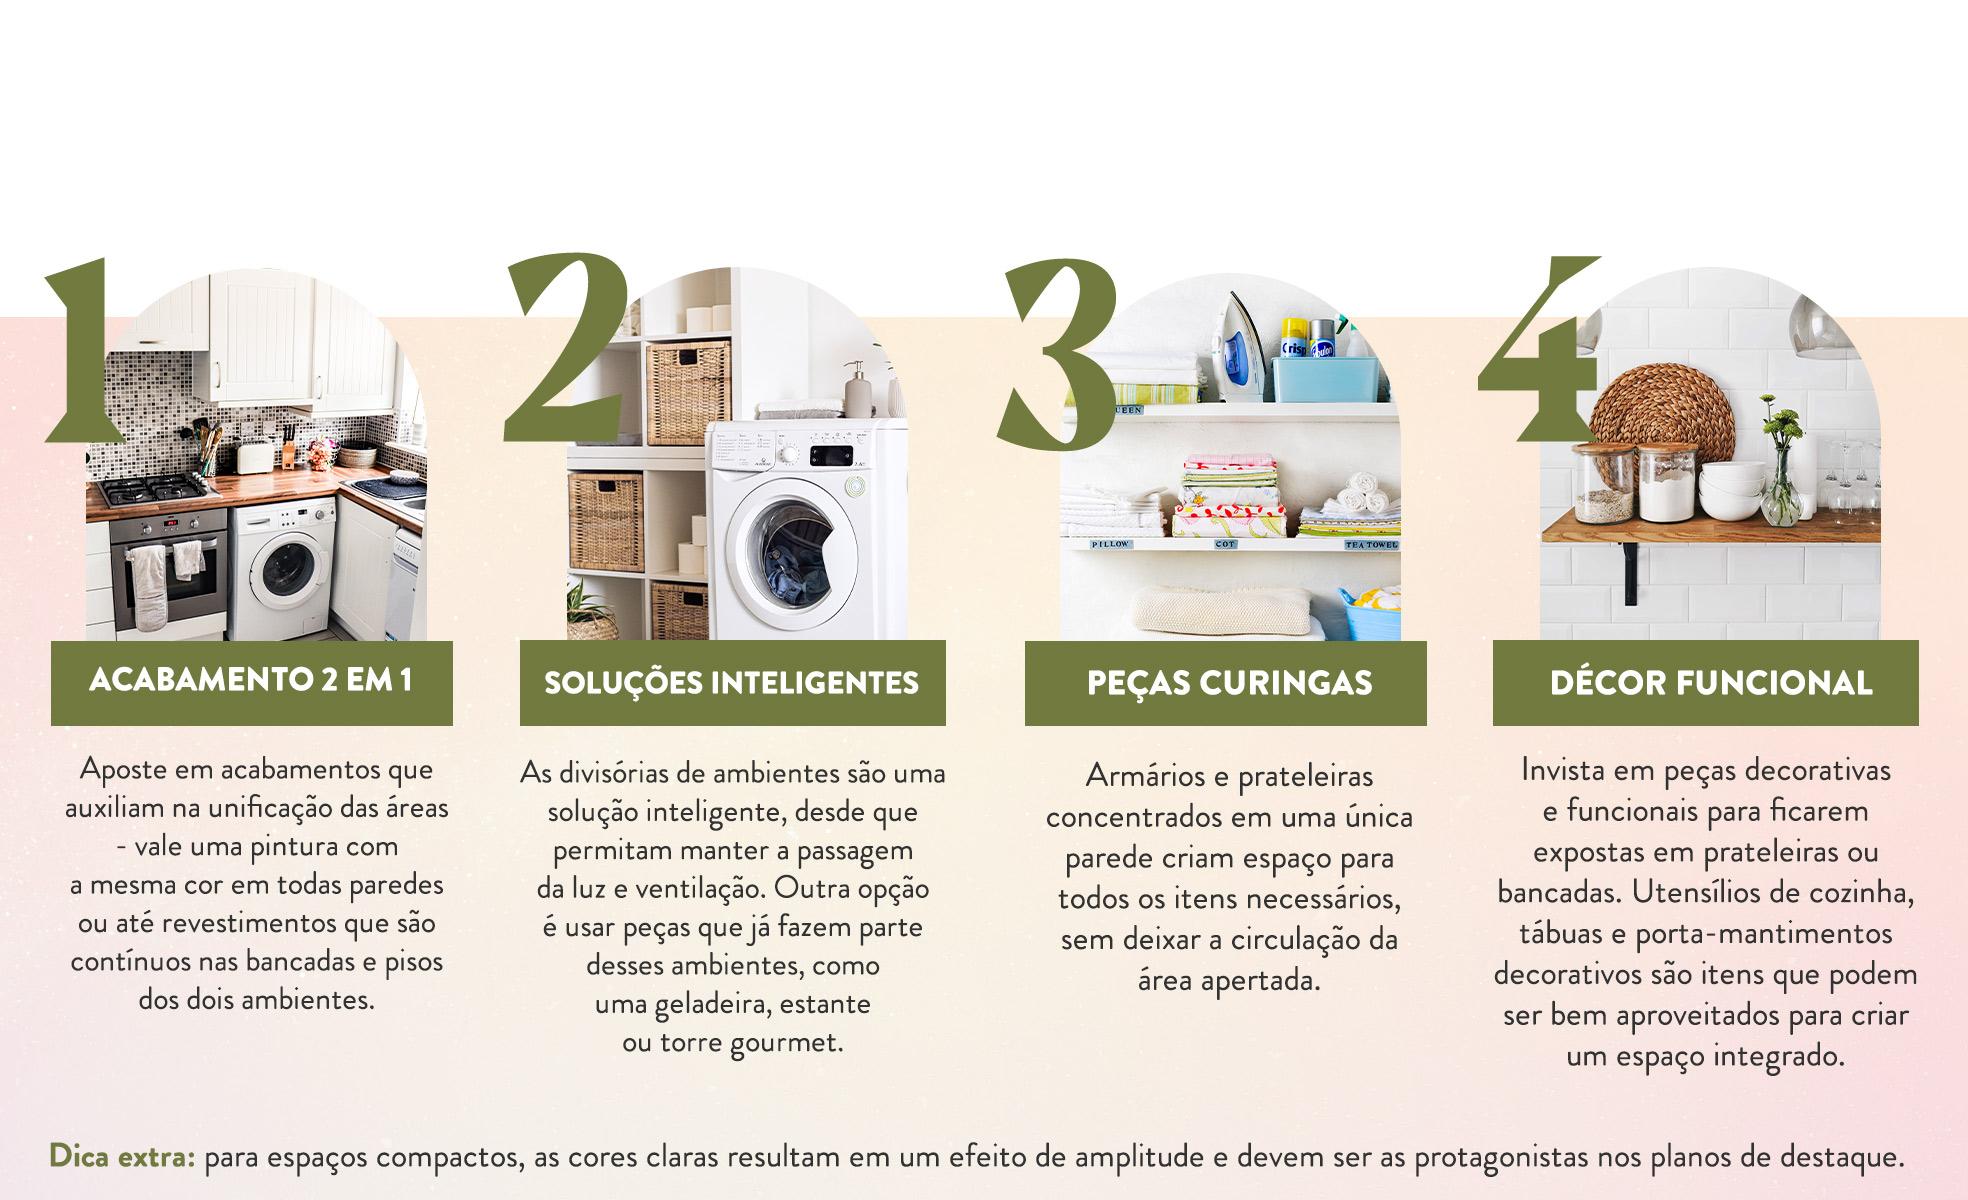 5 integrações de espaços para você se inspirar   Como criar ambientes integrados?   Foto 4   Westwing.com.br